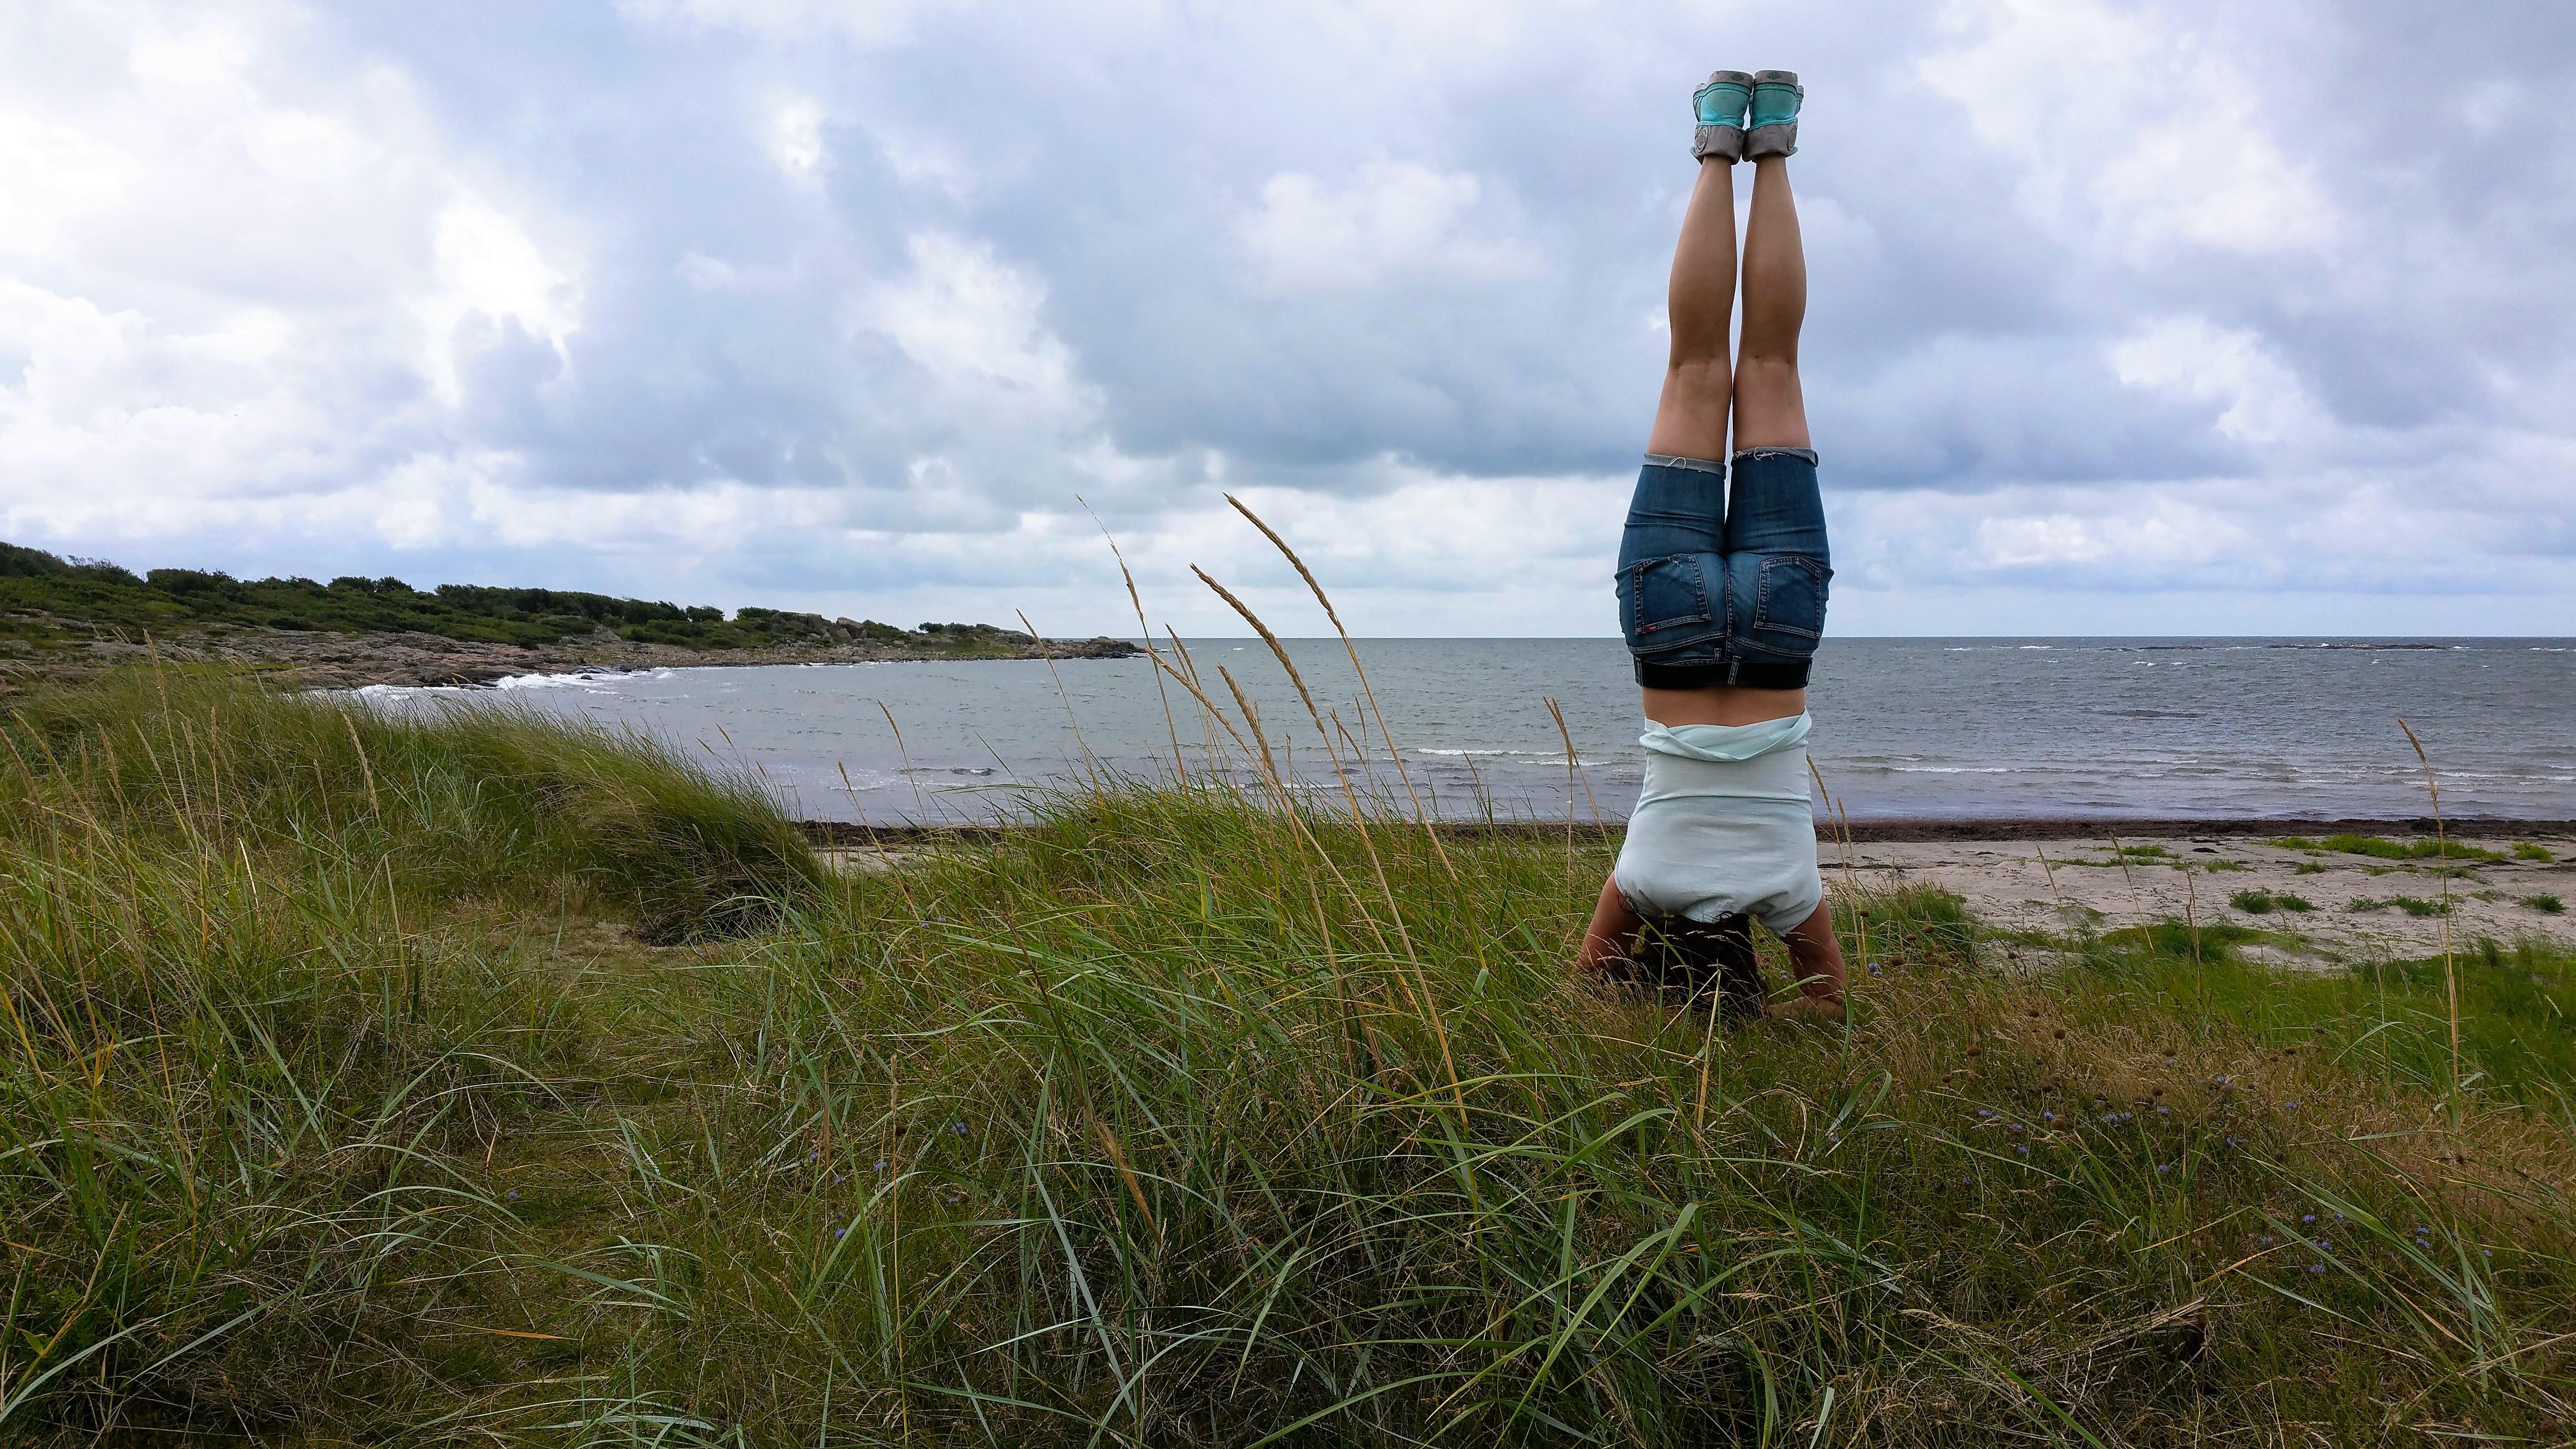 Yoga Kattegatleden, Sweden Inspiration